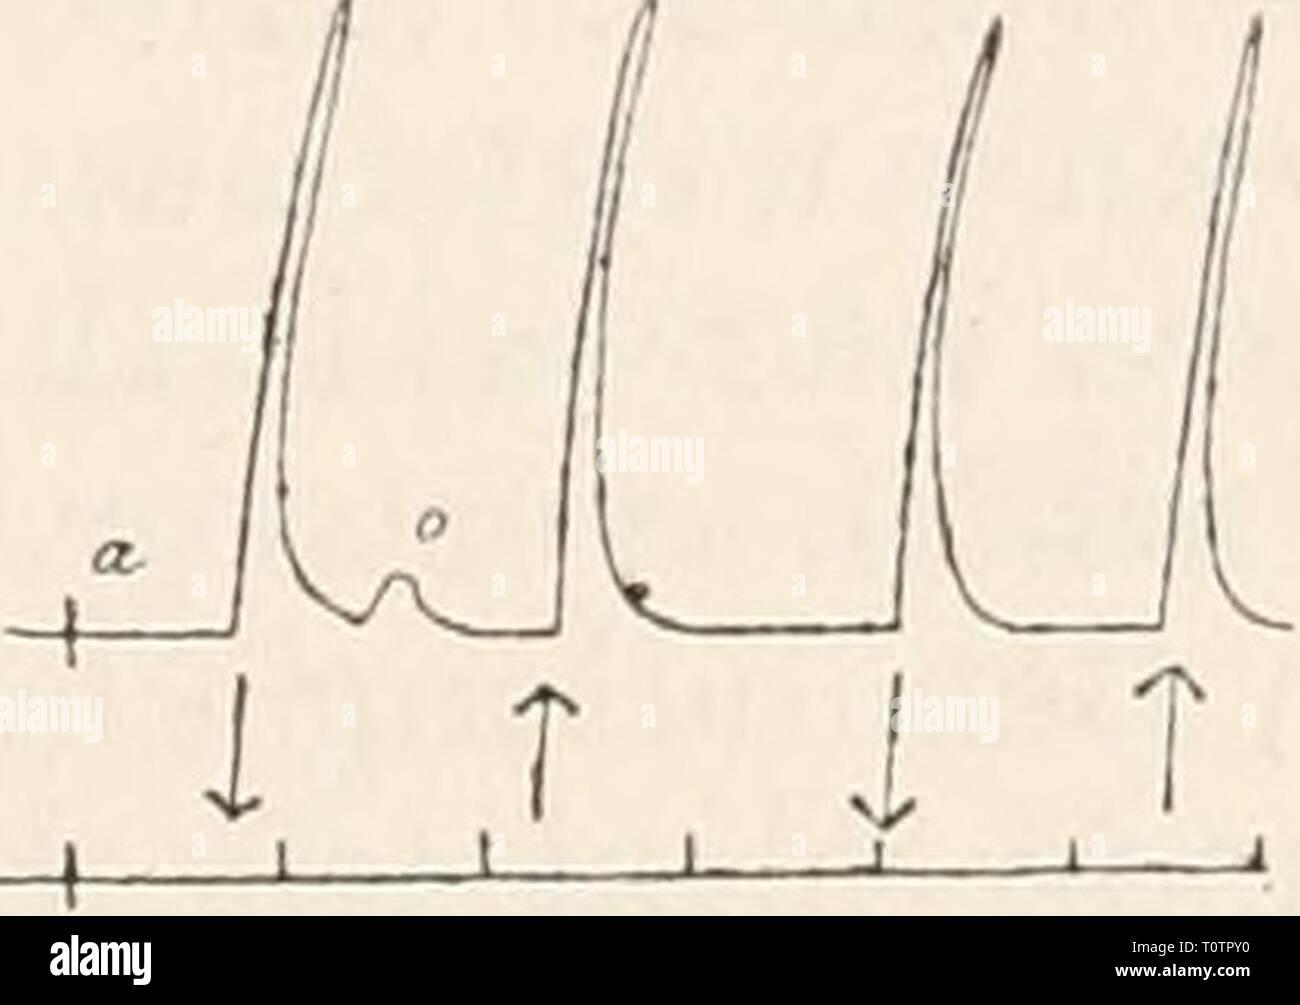 Elektrophysiologie (1895) Elektrophysiologie  elektrophysiolog00bied Year: 1895  i T 1 T I T Fig. 194. Nerv-Muskelpräparat vom Frosch. Ein schwacher aufsteigend oder absteigend gerichteter Strom löst bei beliebiger Lage der Elektroden nur Schliessungszuckung aus (b). Nach 5 Min. dauerndem Eintauchen des Nerven in 1 '/o KNOg-Lösung er- scheint die Erregbarkeit herabgesetzt. Gleichwohl löst derselbe Strom an allen Punkten der veränderten Nerveustrecke auch Oetfiiungszuckungen von gleicher Höhe wie die Schliessungszuckungen aus (c, d). Durch Auslaugen mit physiologischer Koch- salzlösung (15 Min. Stock Photo